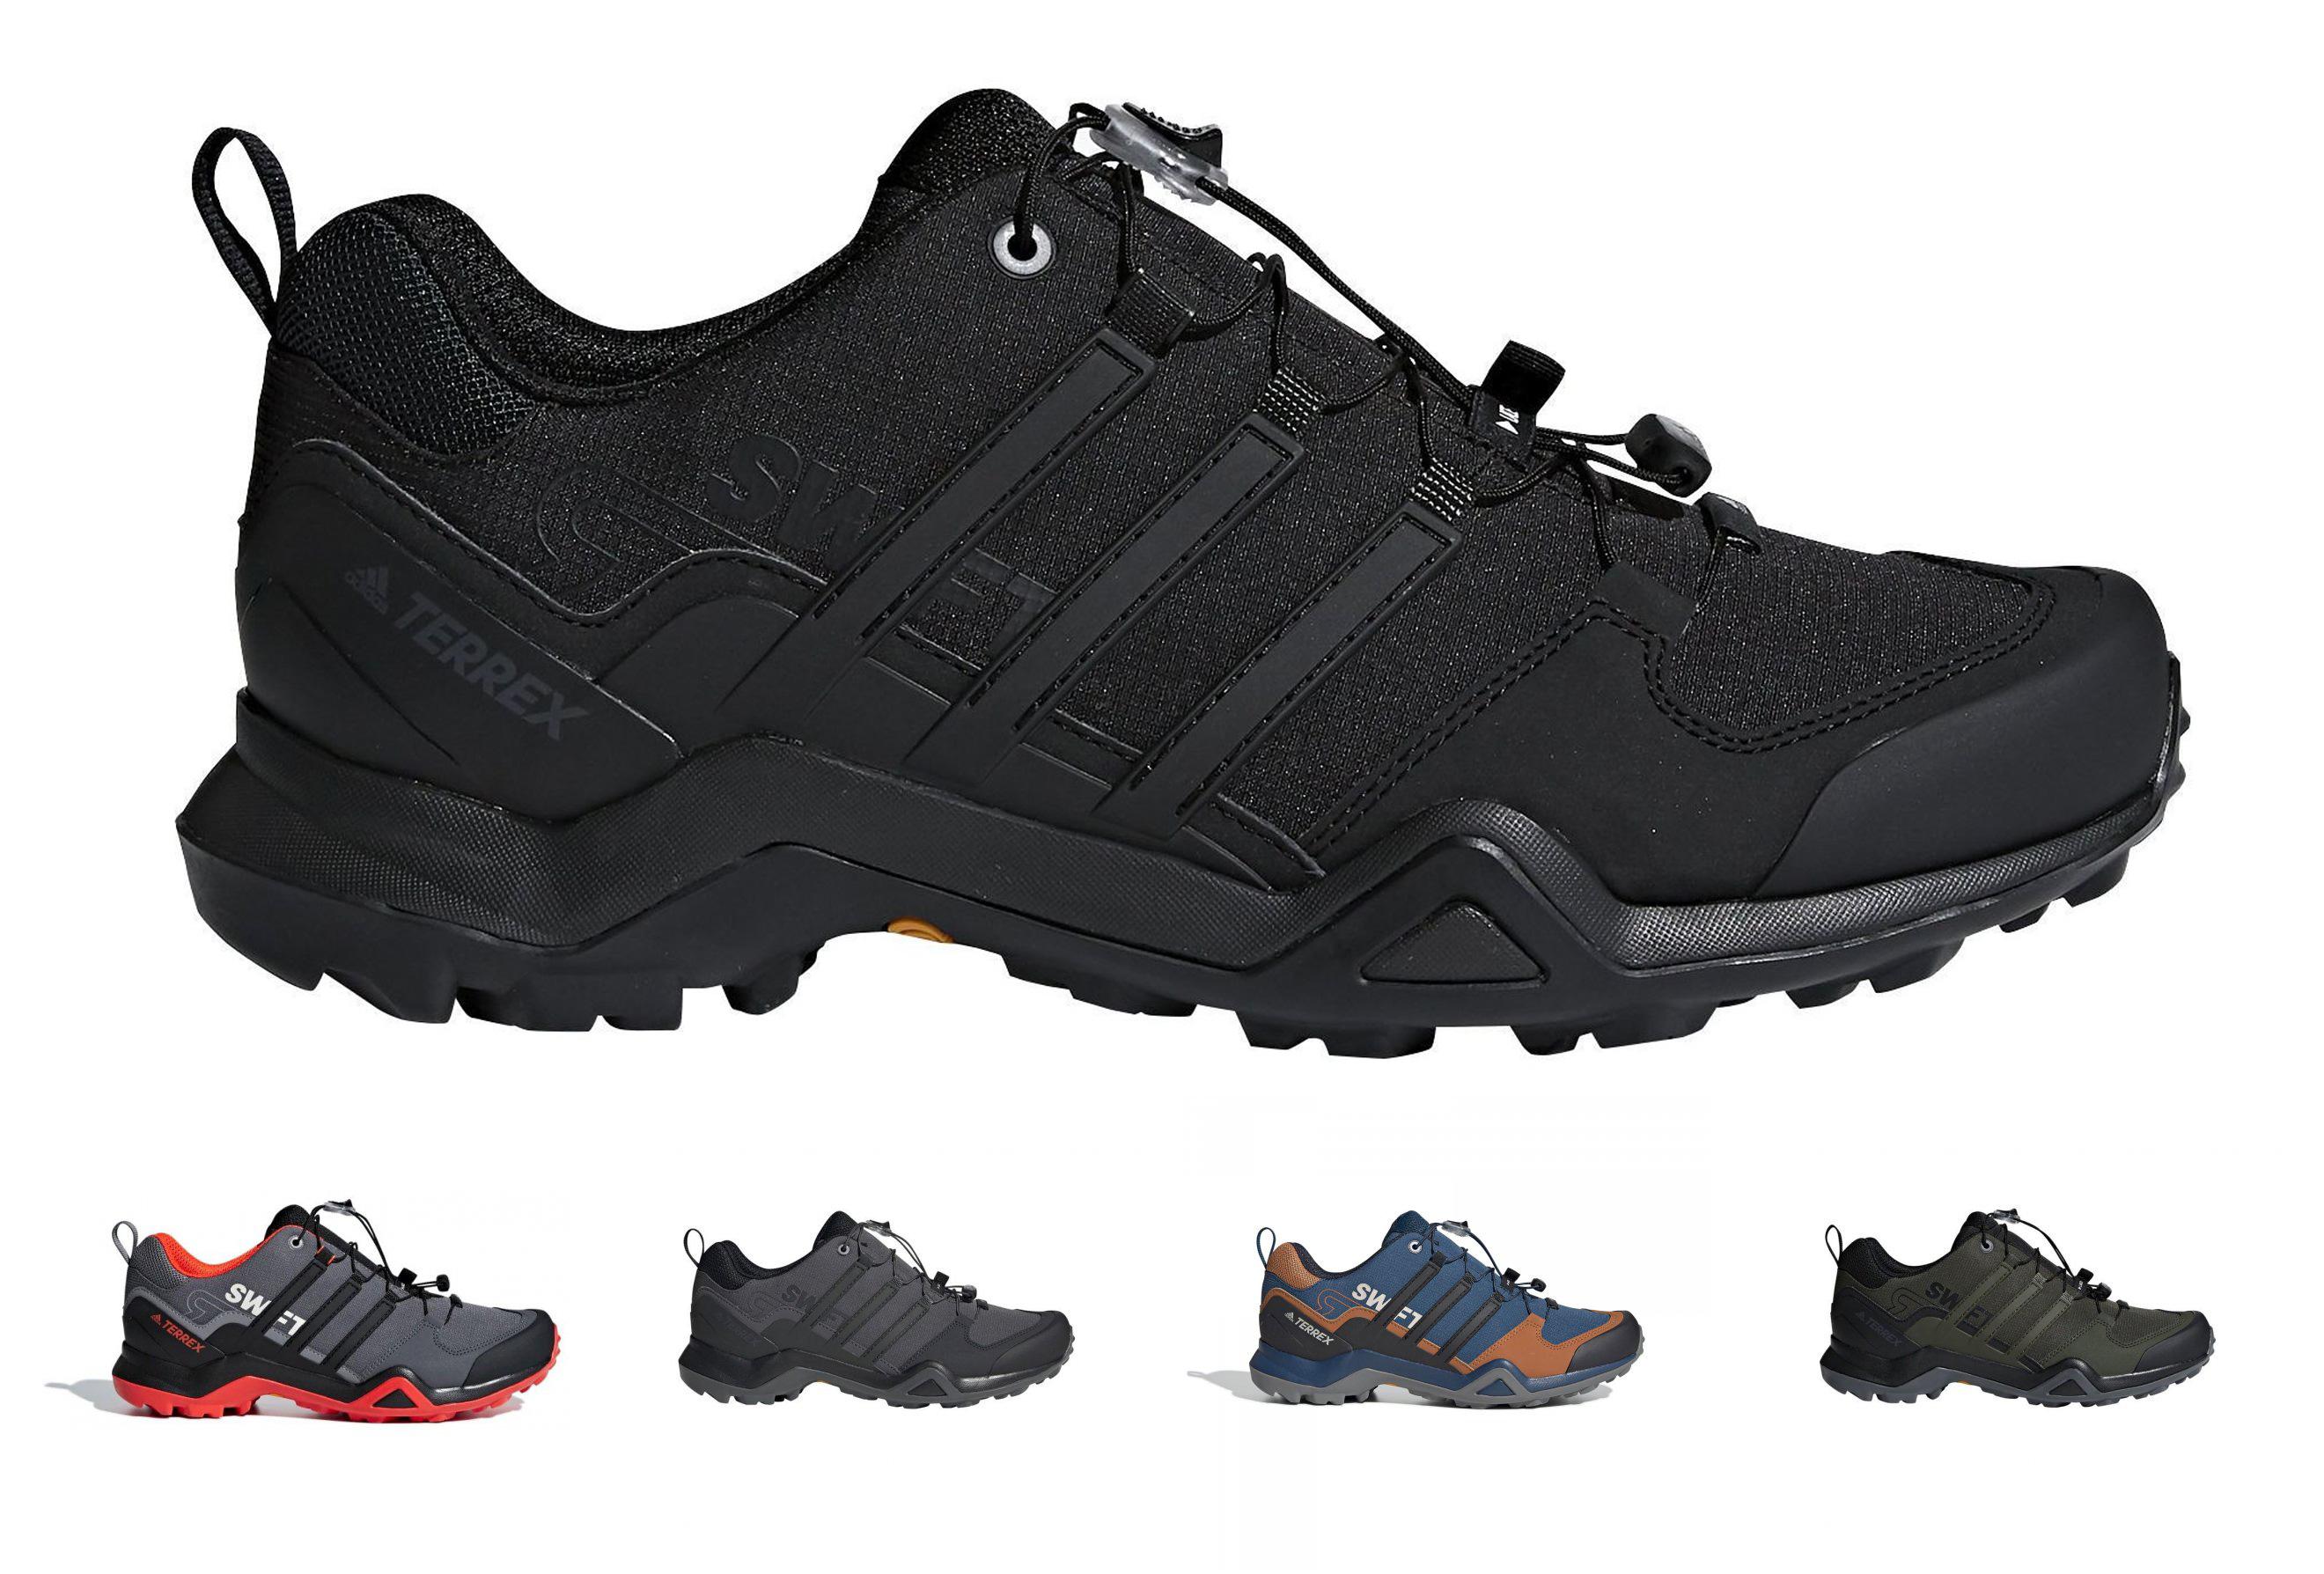 Adidas Outdoor Terrex Swift R2 Hiking Shoe Men's | Up to